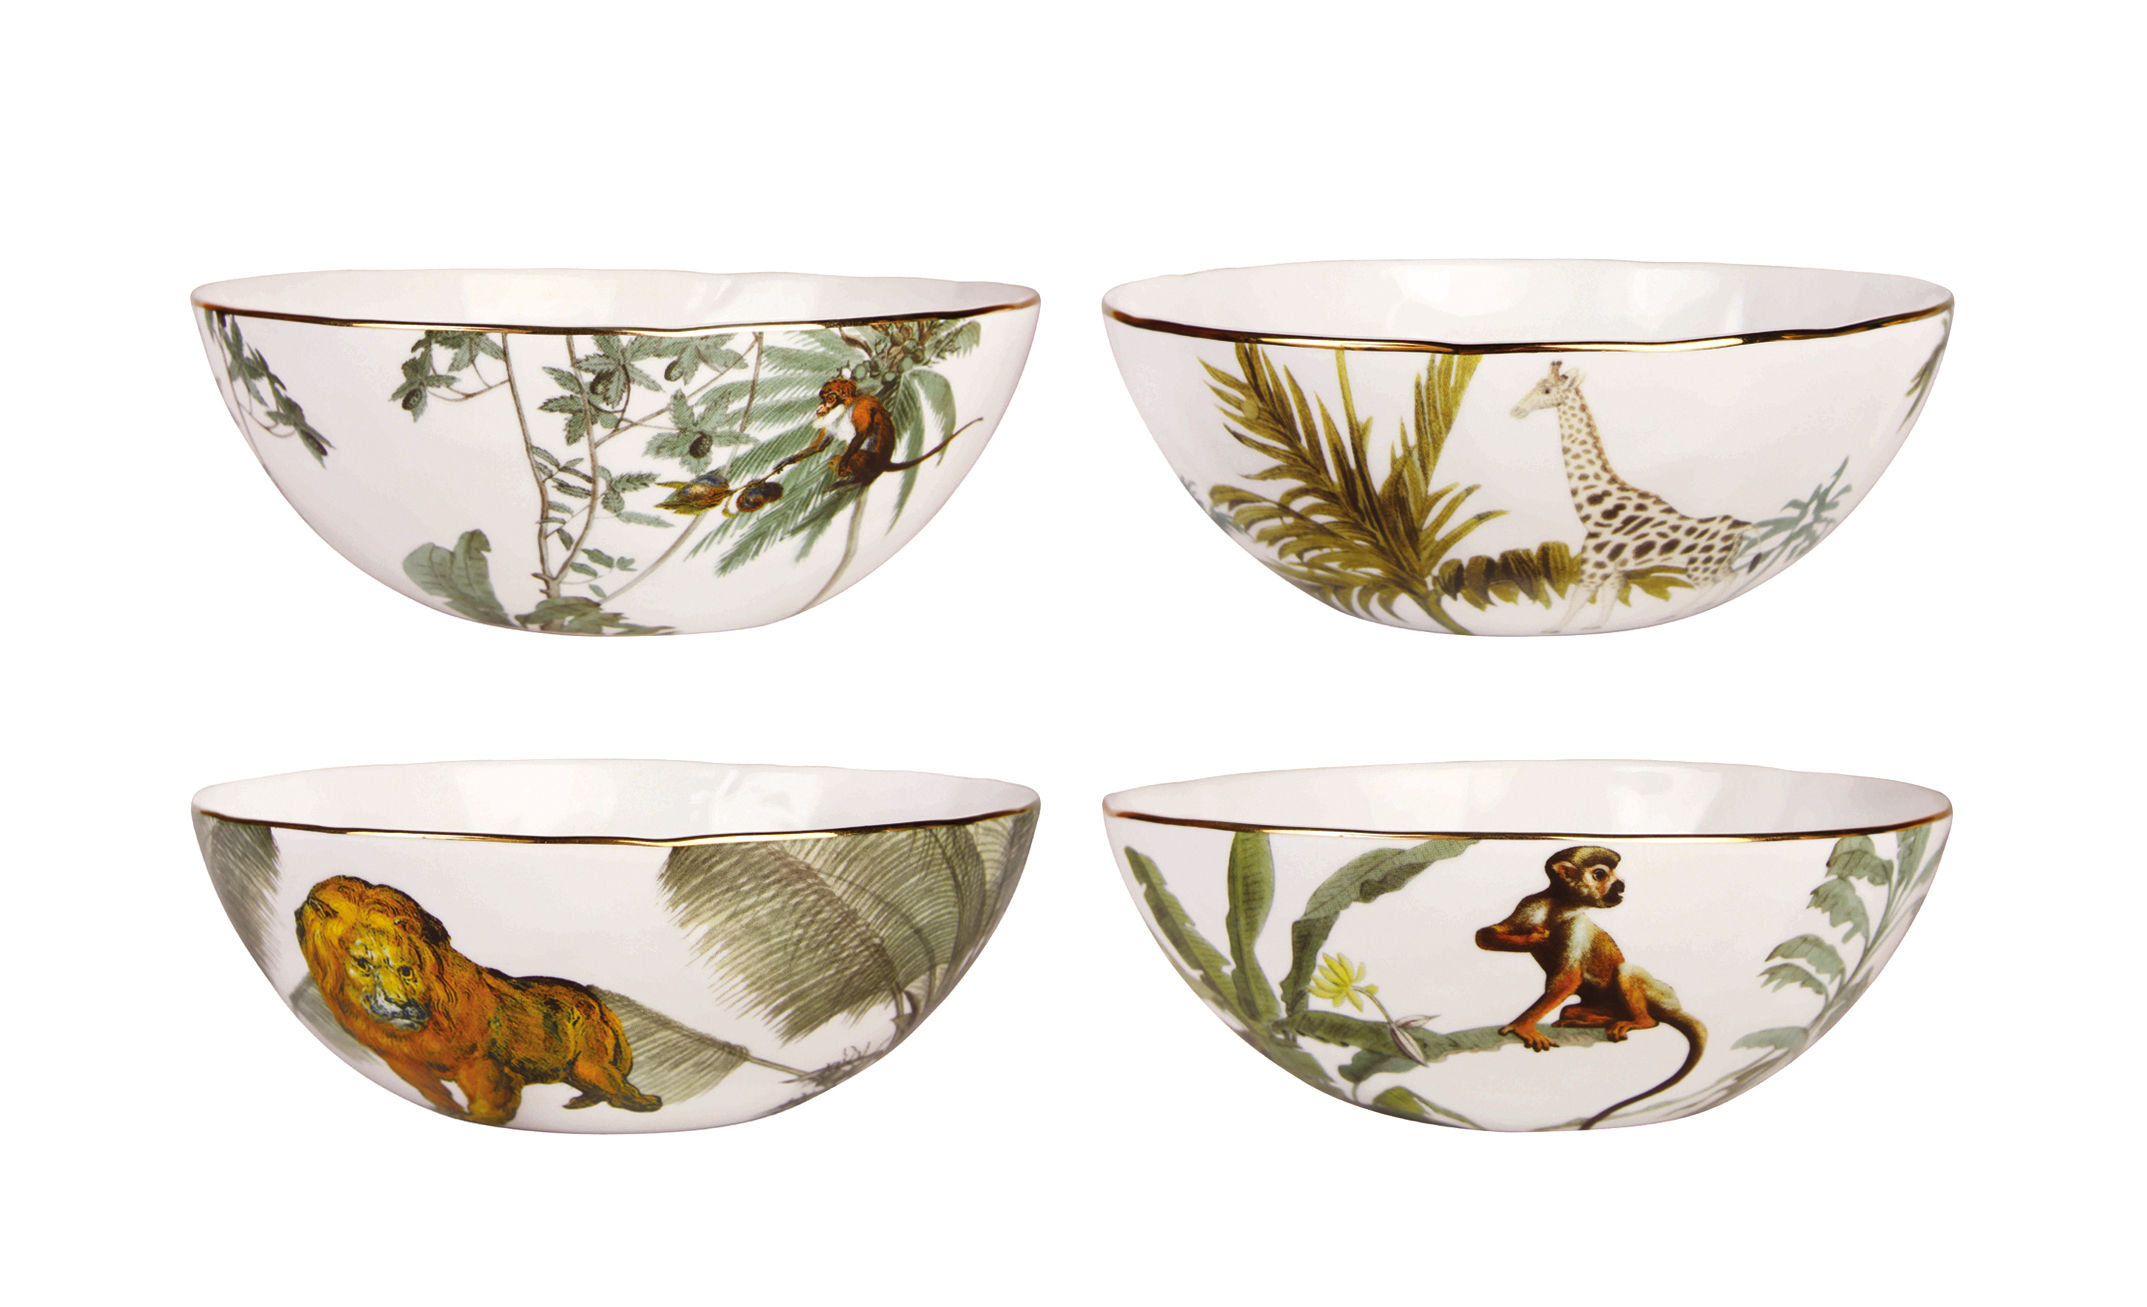 Tischkultur - Salatschüsseln und Schalen - Jungle Schale / 4er Set - Porzellan - & klevering - Dschungel / mehrfarbig - Porcelaine fine